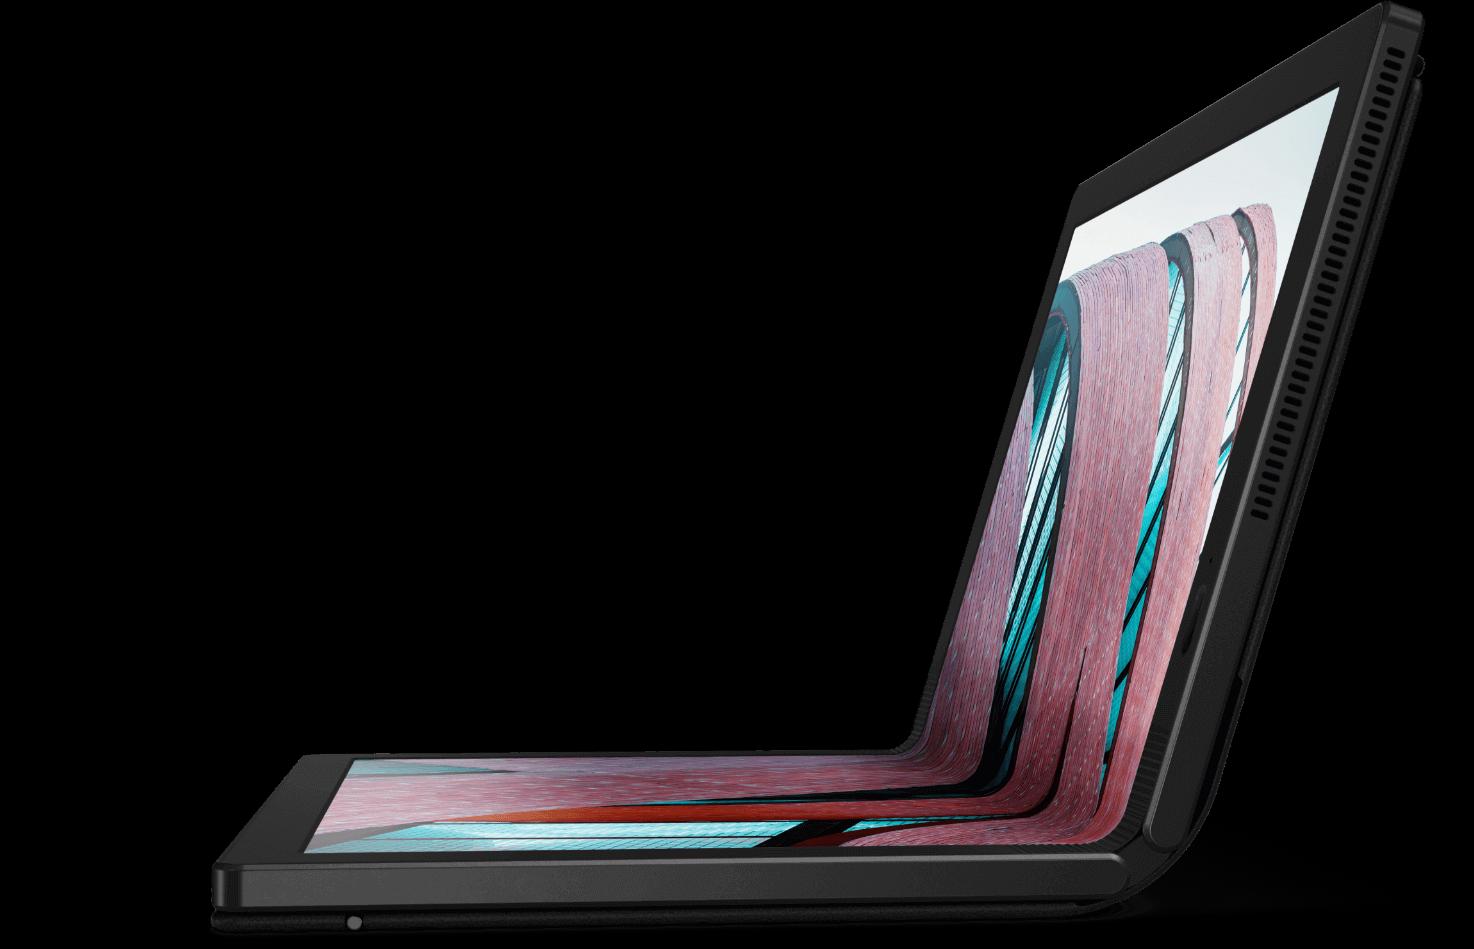 Lenovo ThinkPad X1 Fold sedd från vänster och öppen cirka 95 grader